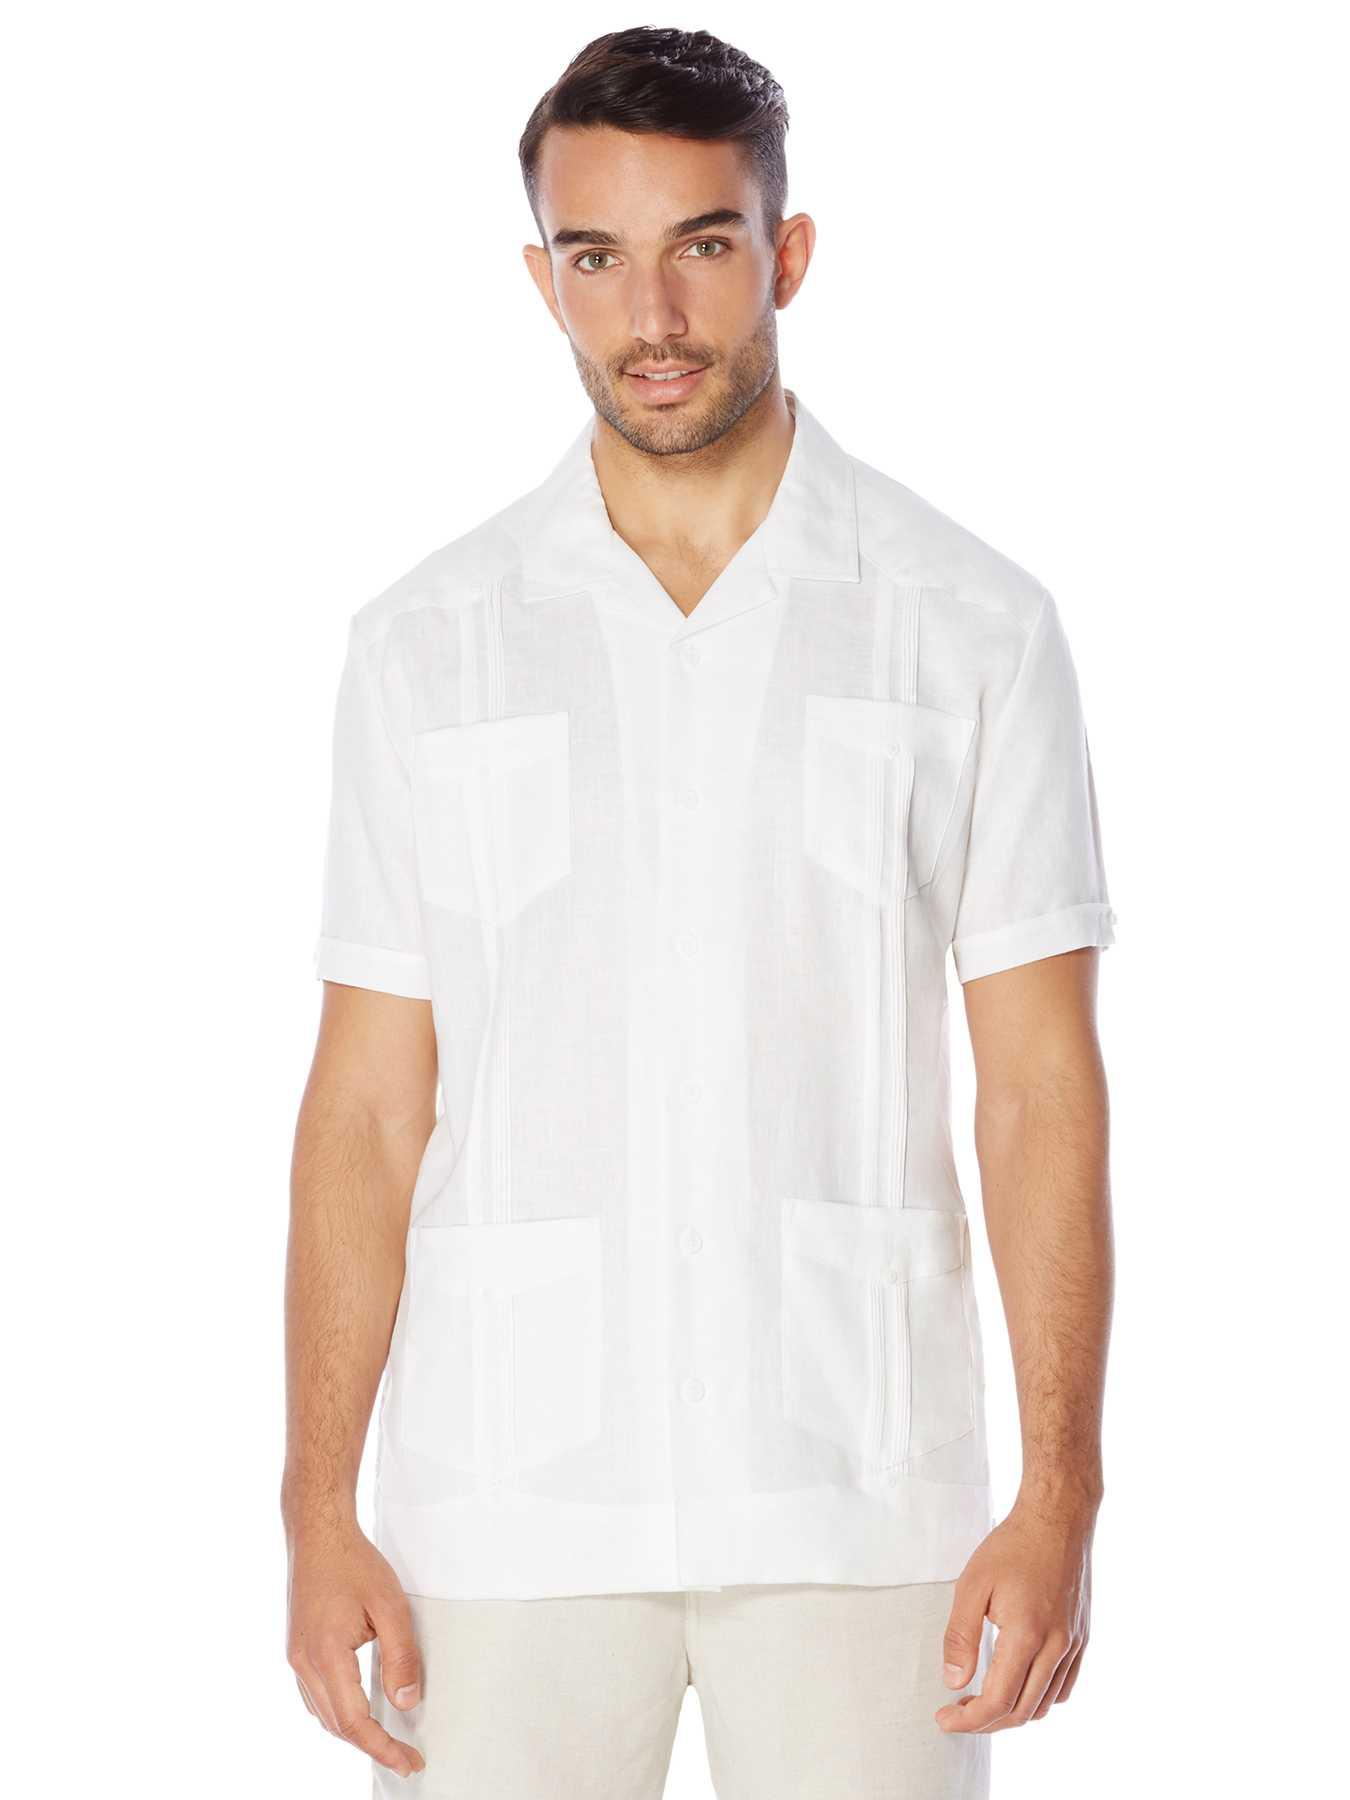 Cubavera Slim Fit 100% Linen Short Sleeve Guayabera